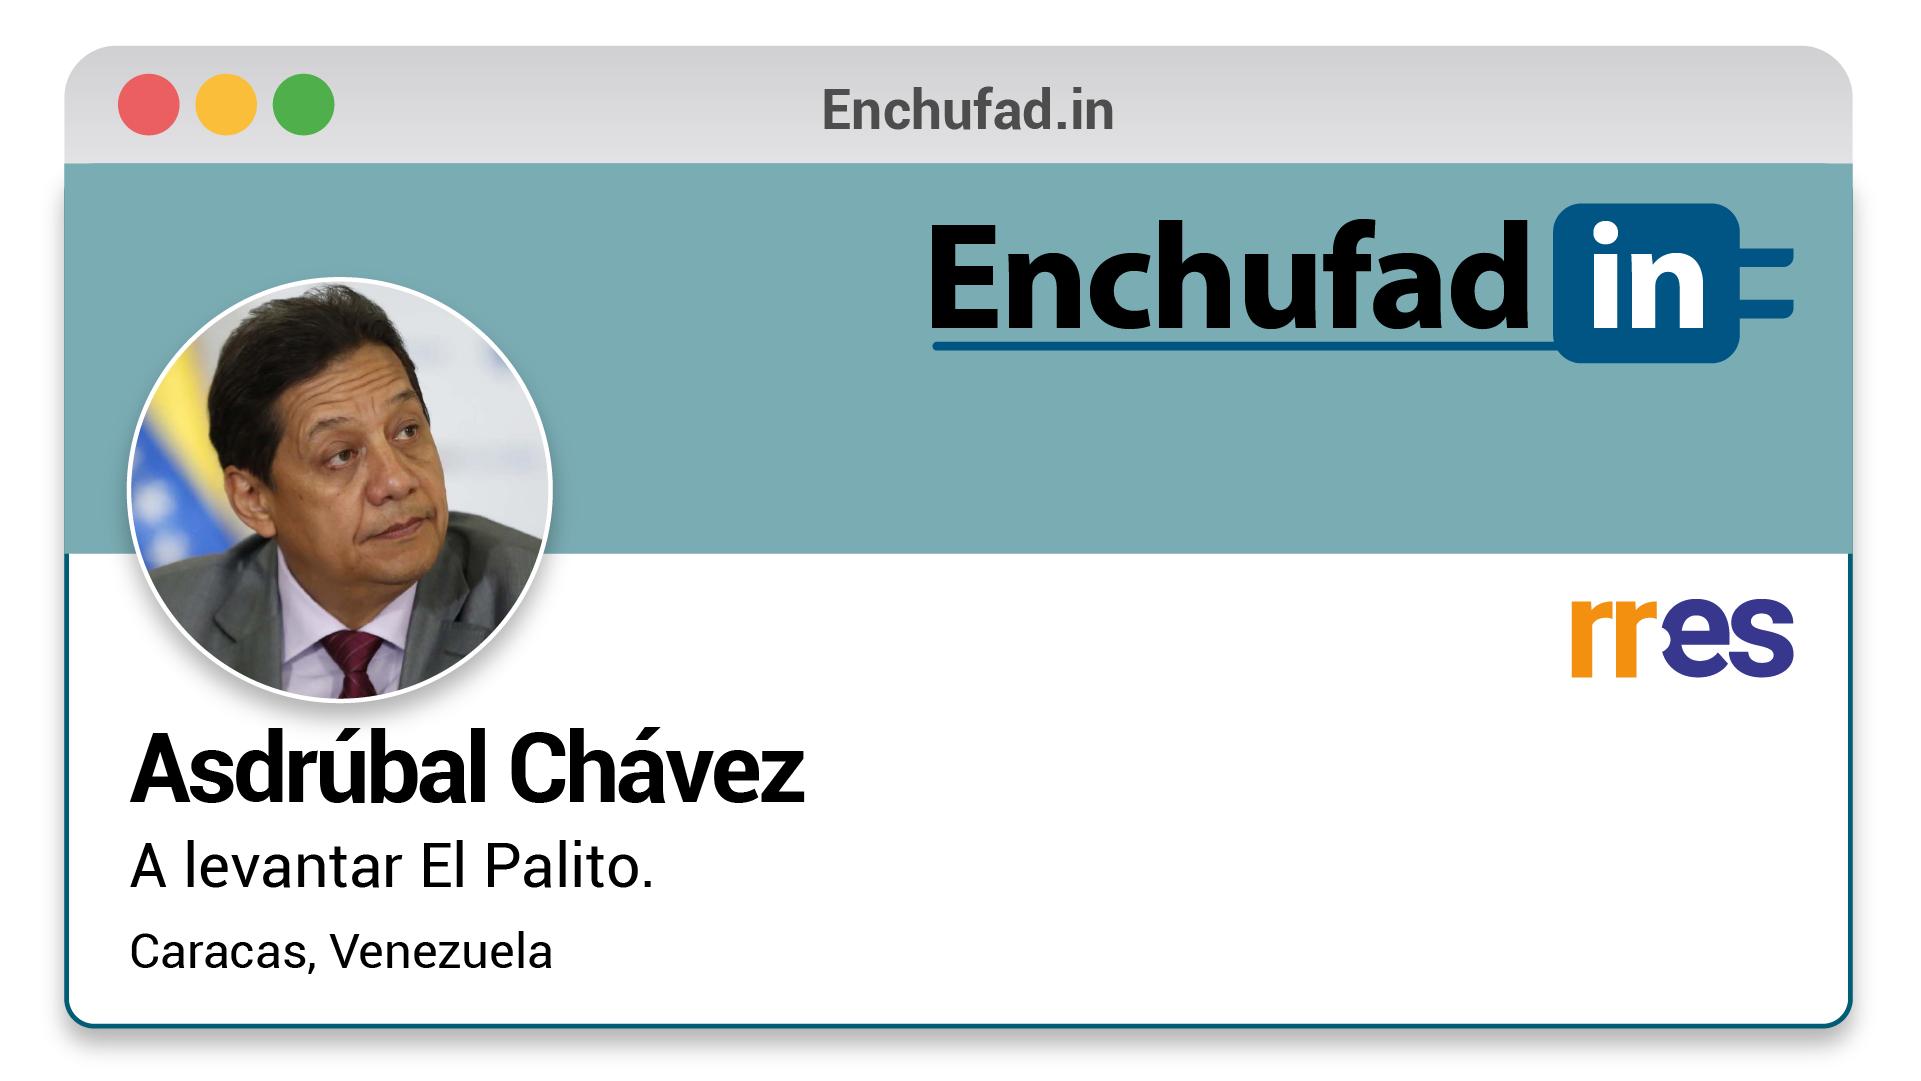 #EnchufaDÍN | Felicita a Asdrúbal Chávez por su nuevo cargo